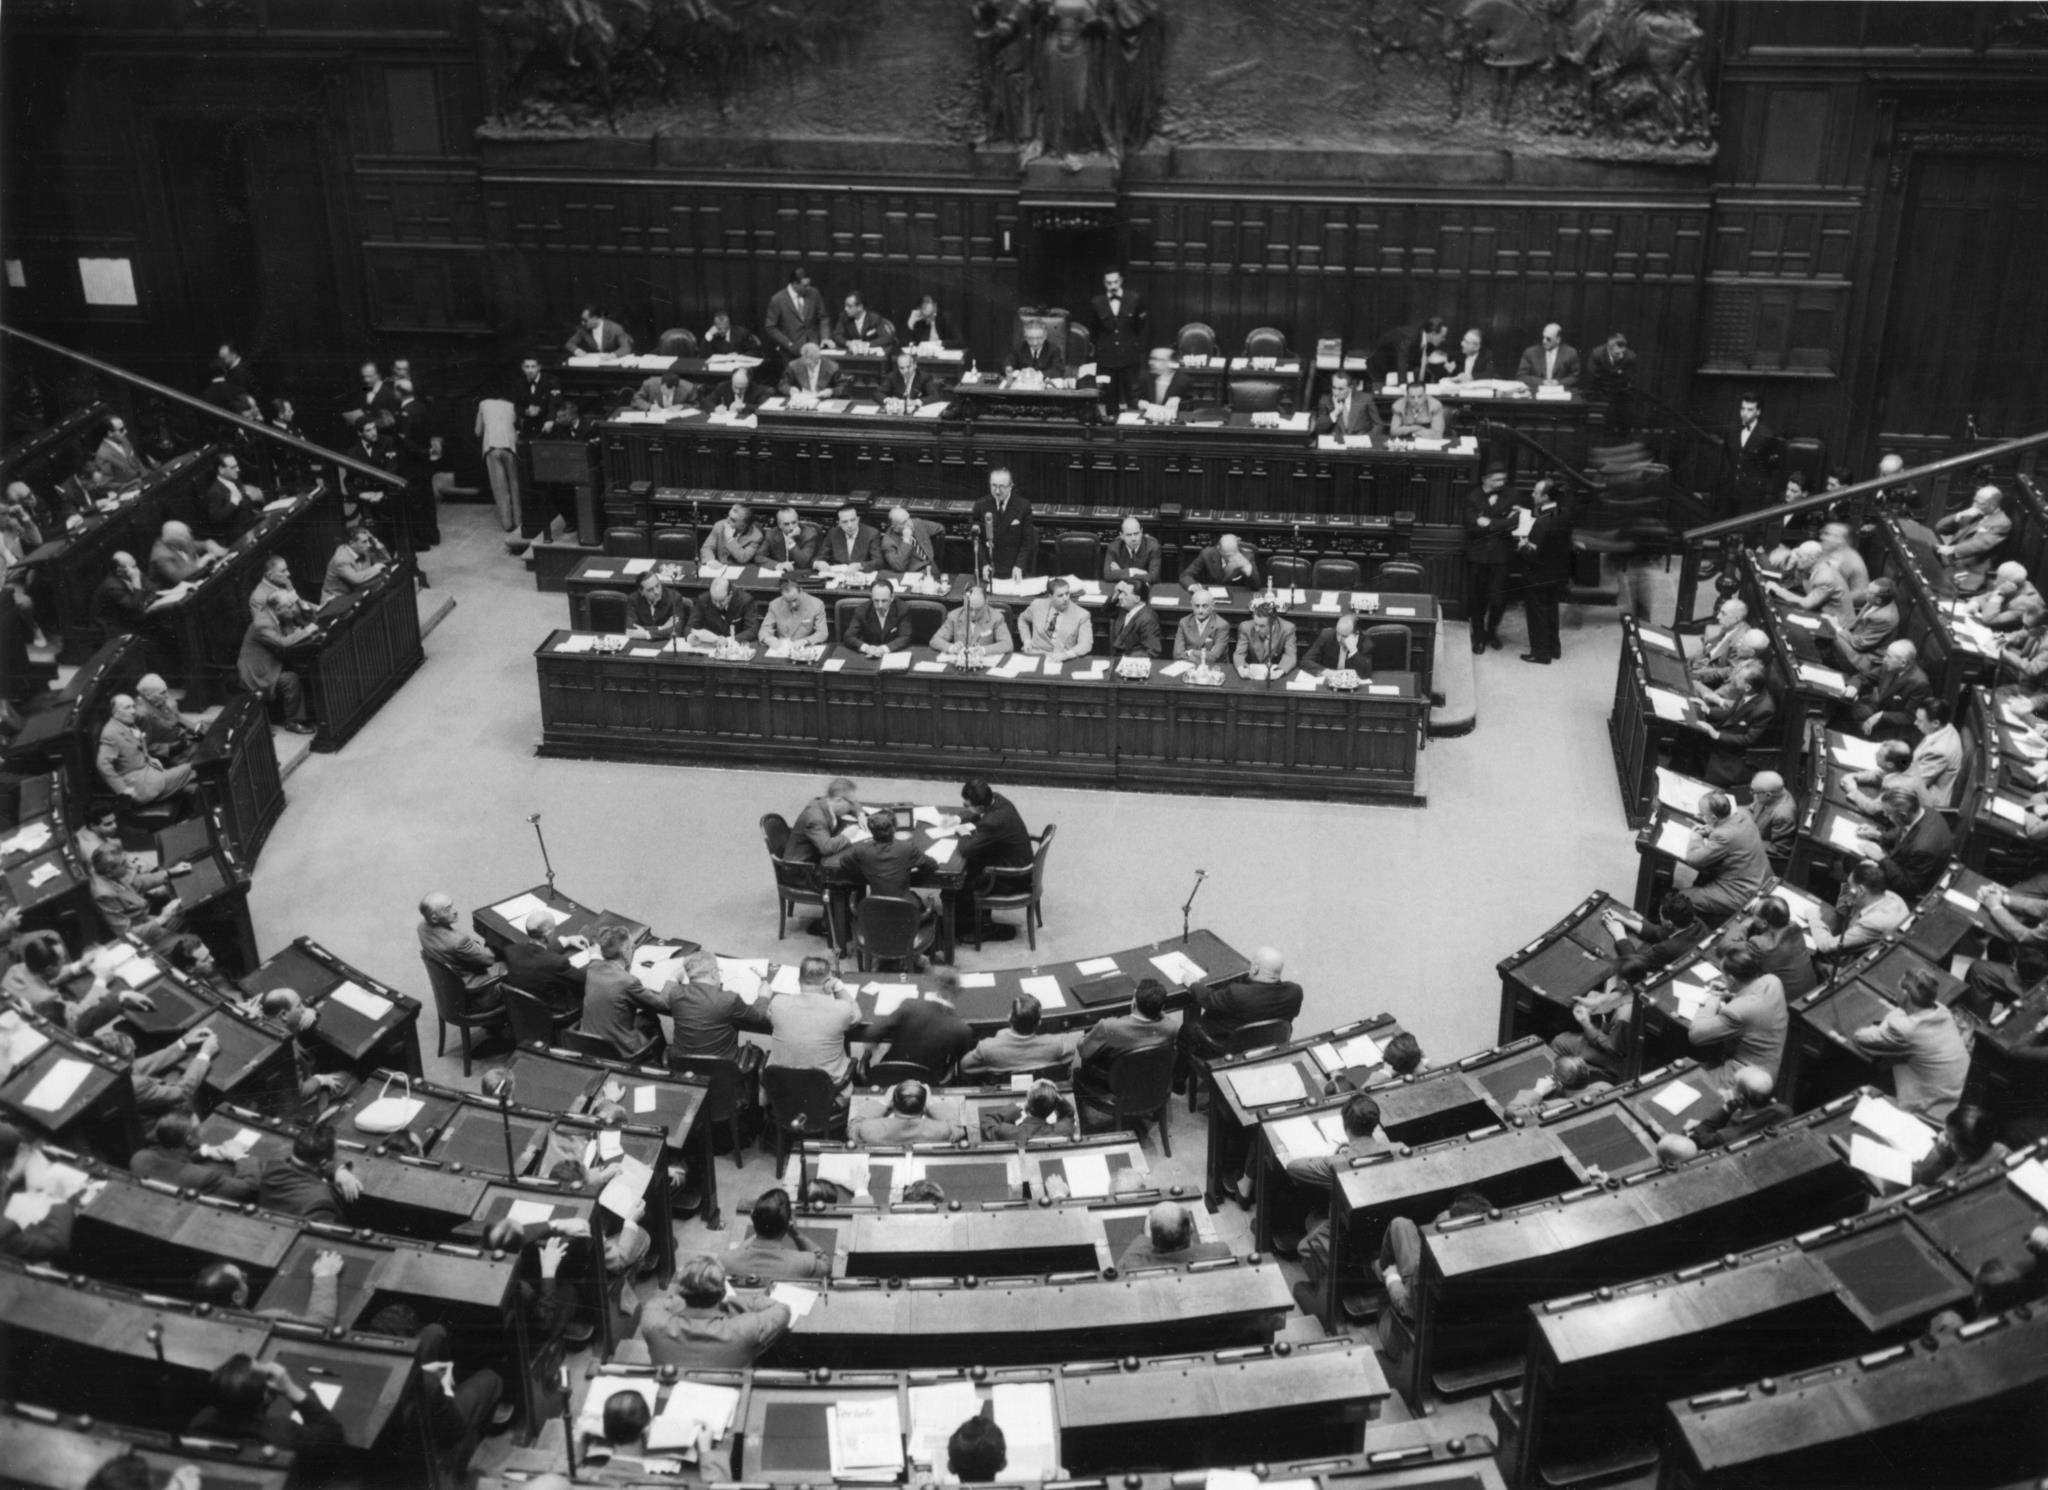 Antigo primeiro-ministro italiano Giuseppe Pella em pé, ao centro, a falar sobre o Euratom e o Mercado Comum na câmara dos deputados em Roma, a 28 de Julho de 1957